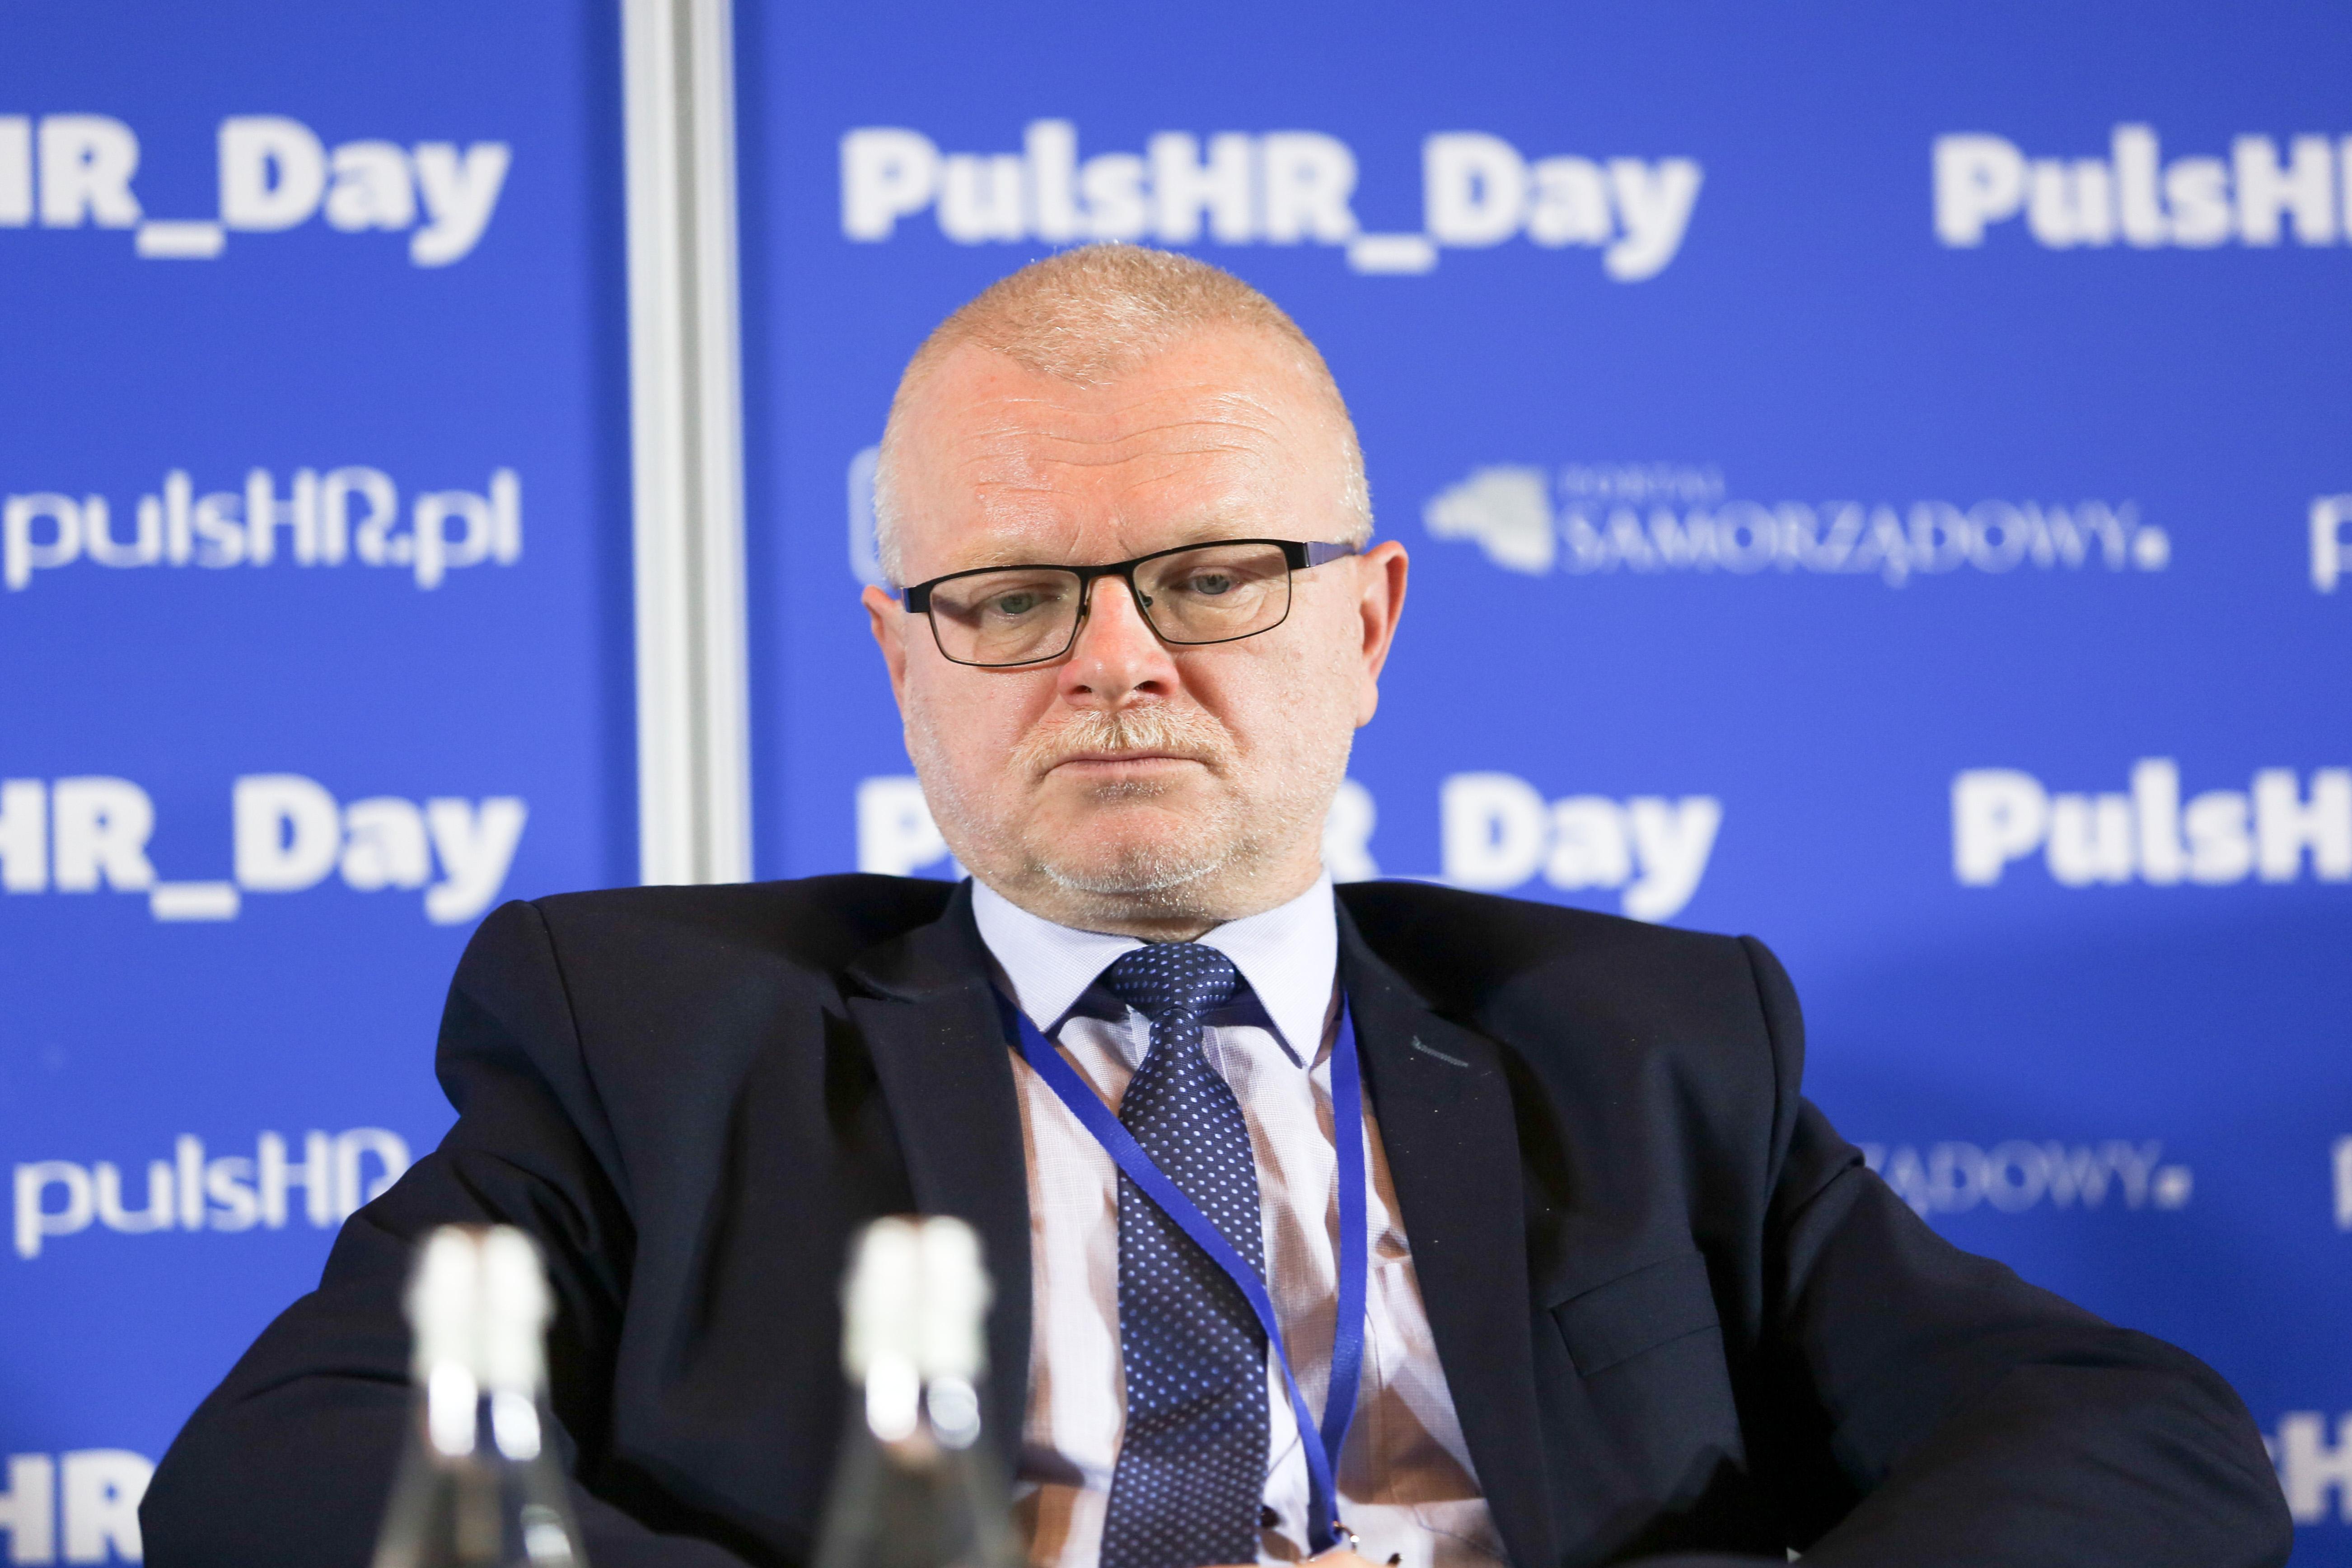 Jerzy Kędziora, dyrektor Powiatowego Urzędu Pracy w Chorzowie oraz przewodniczący Konwentu Dyrektorów Powiatowych Urzędów Pracy Województwa Śląskiego mówi, że urzędy pracy muszą iść z duchem czasu. (fot. PTWP)